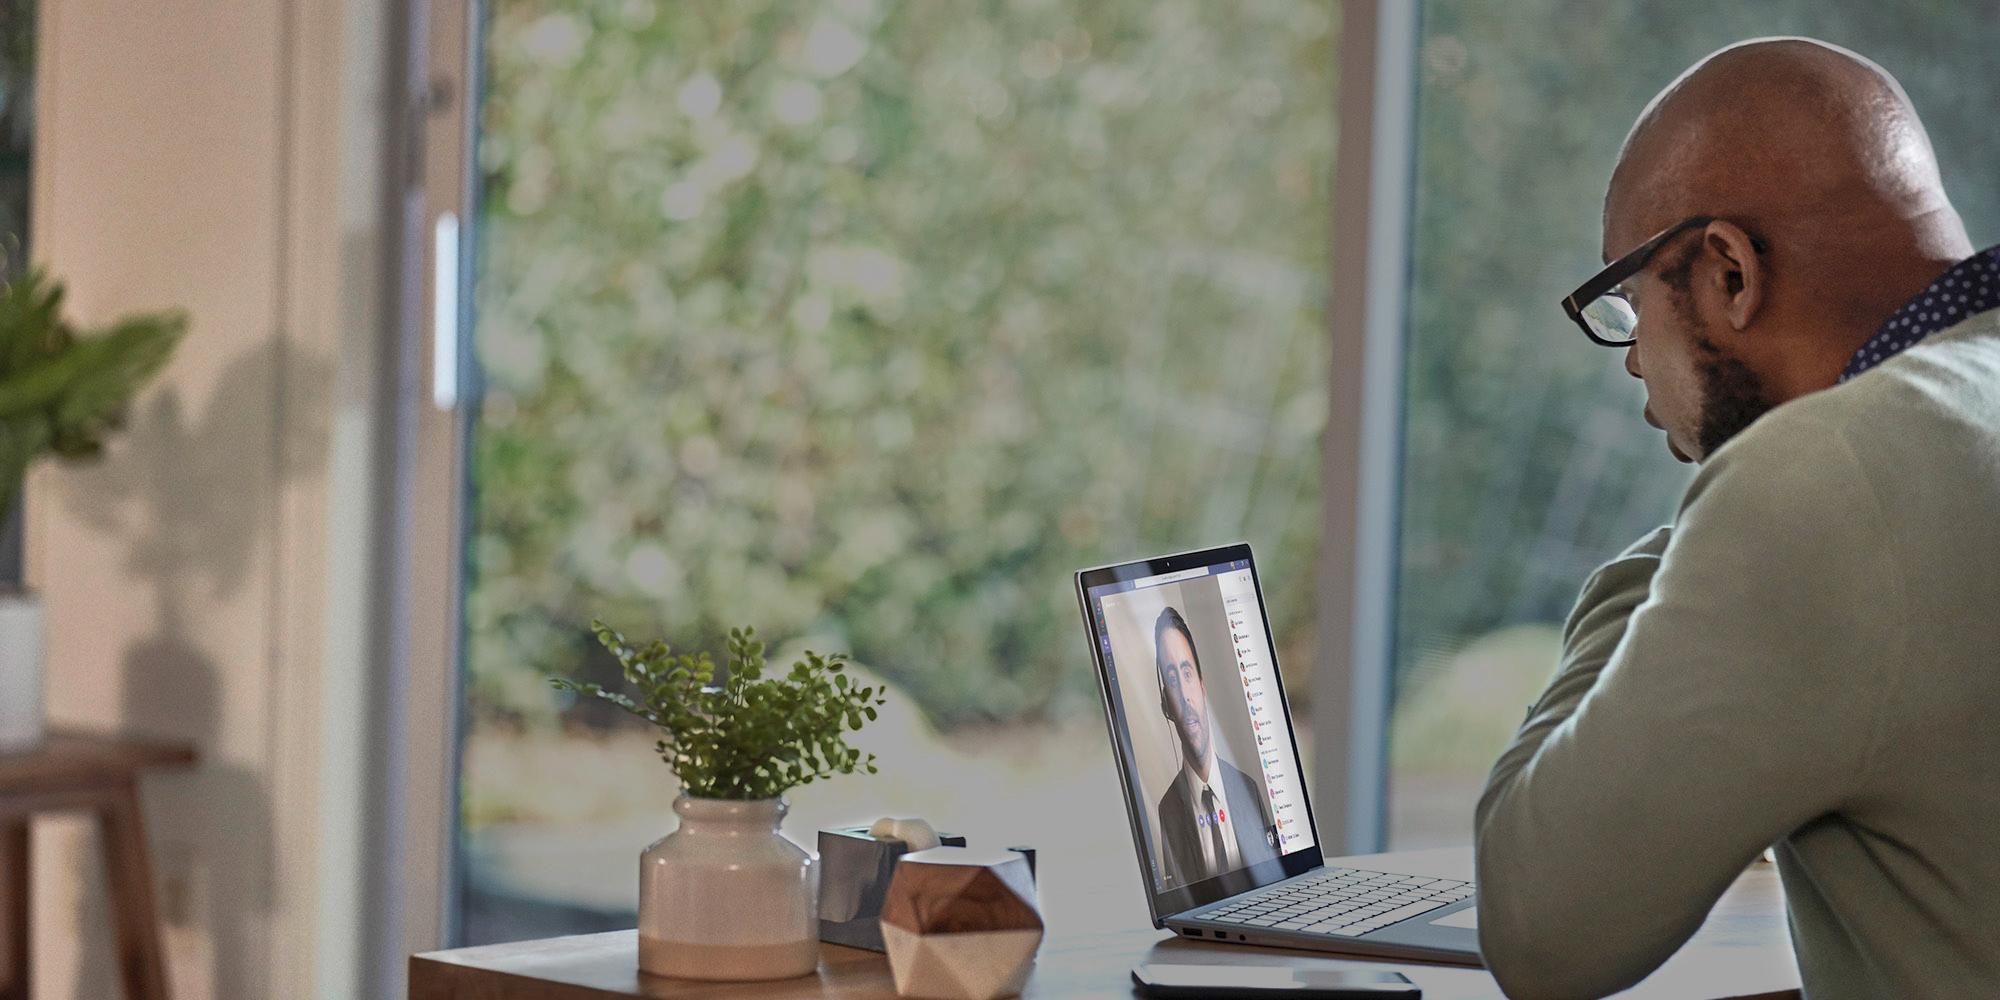 en person sidder ved et bord og bruger en bærbar computer